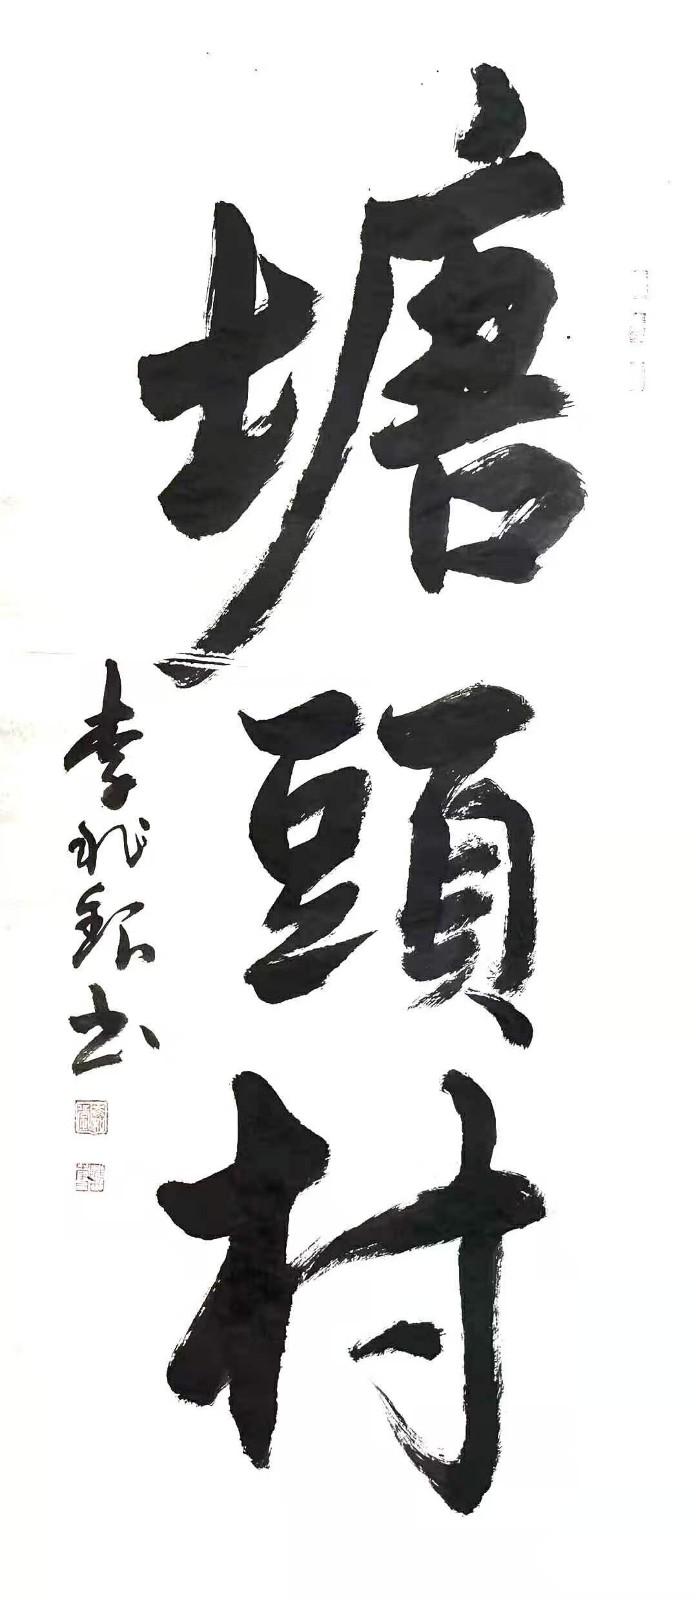 福建省连江县琯头镇塘头村_图1-2